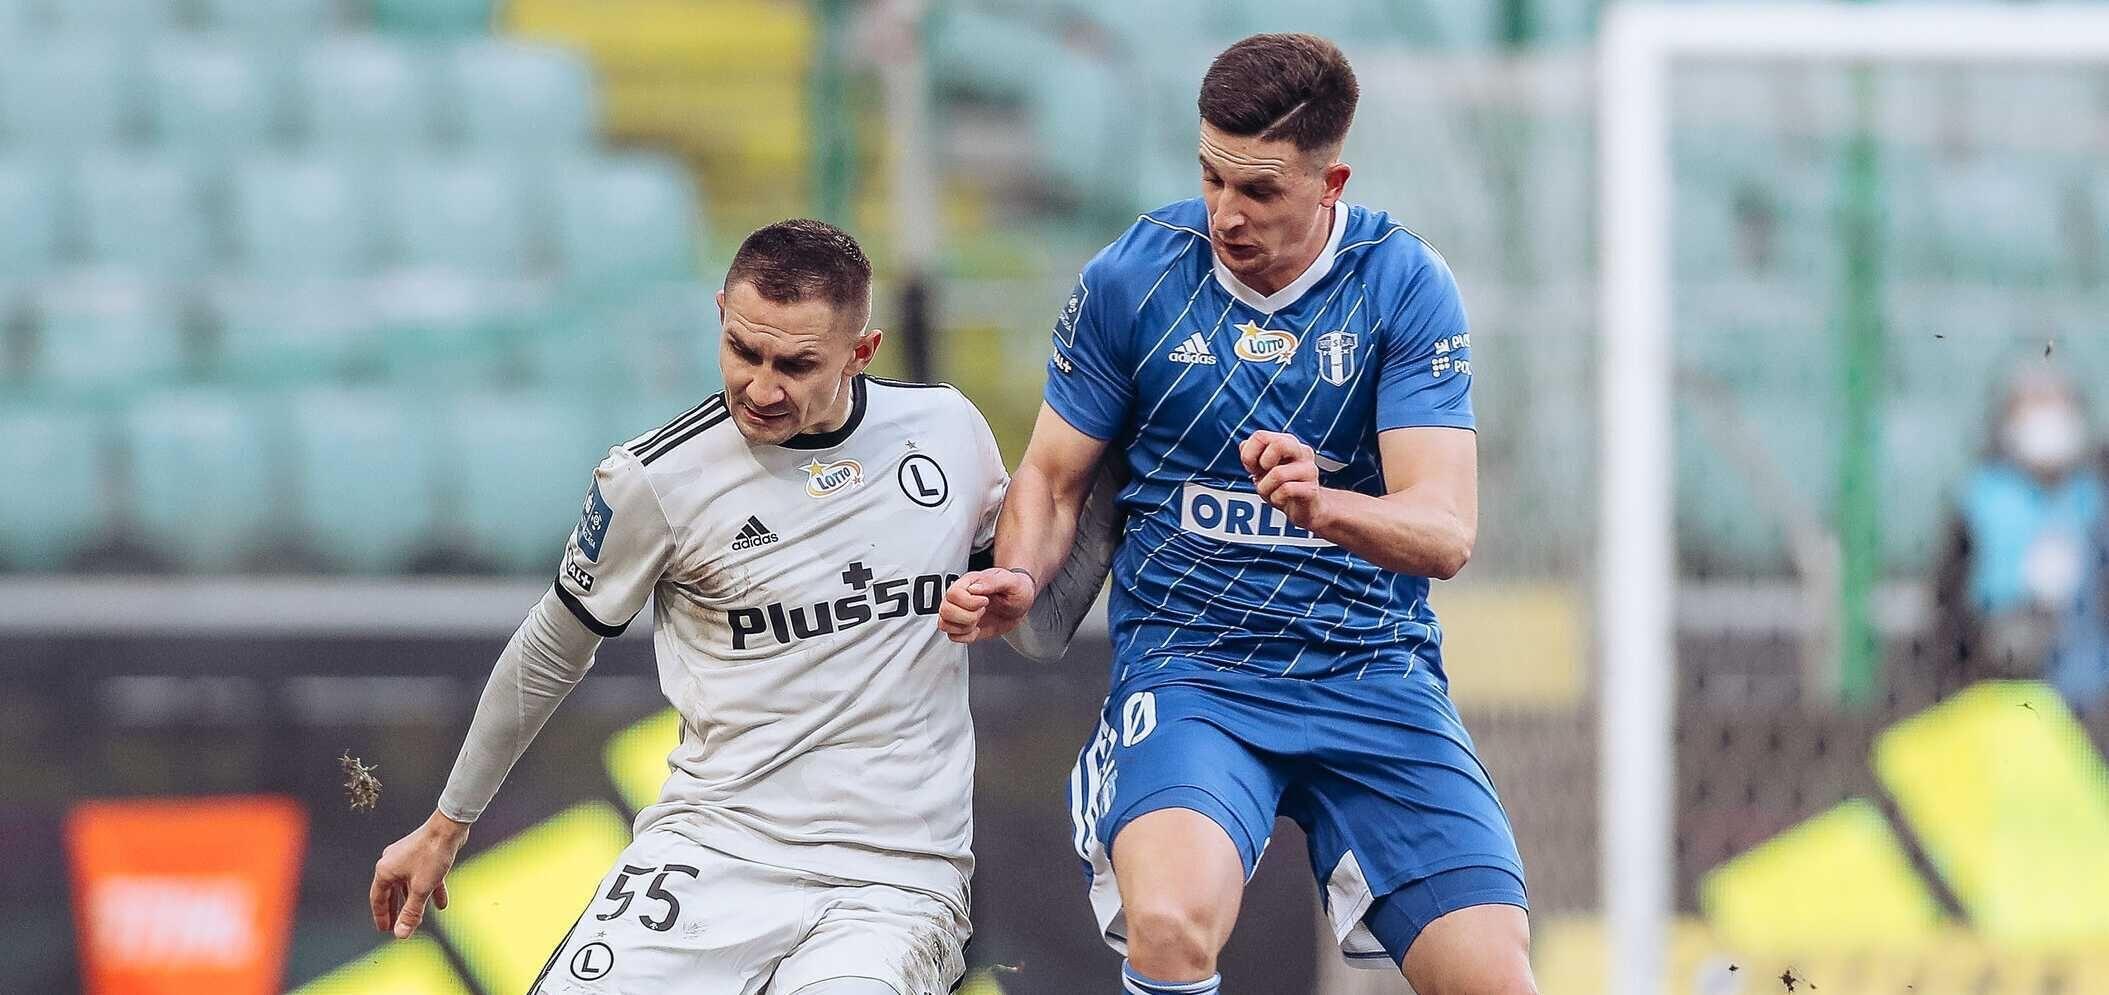 Damian Kos sędzią meczu Legia Warszawa - Wisła Płock